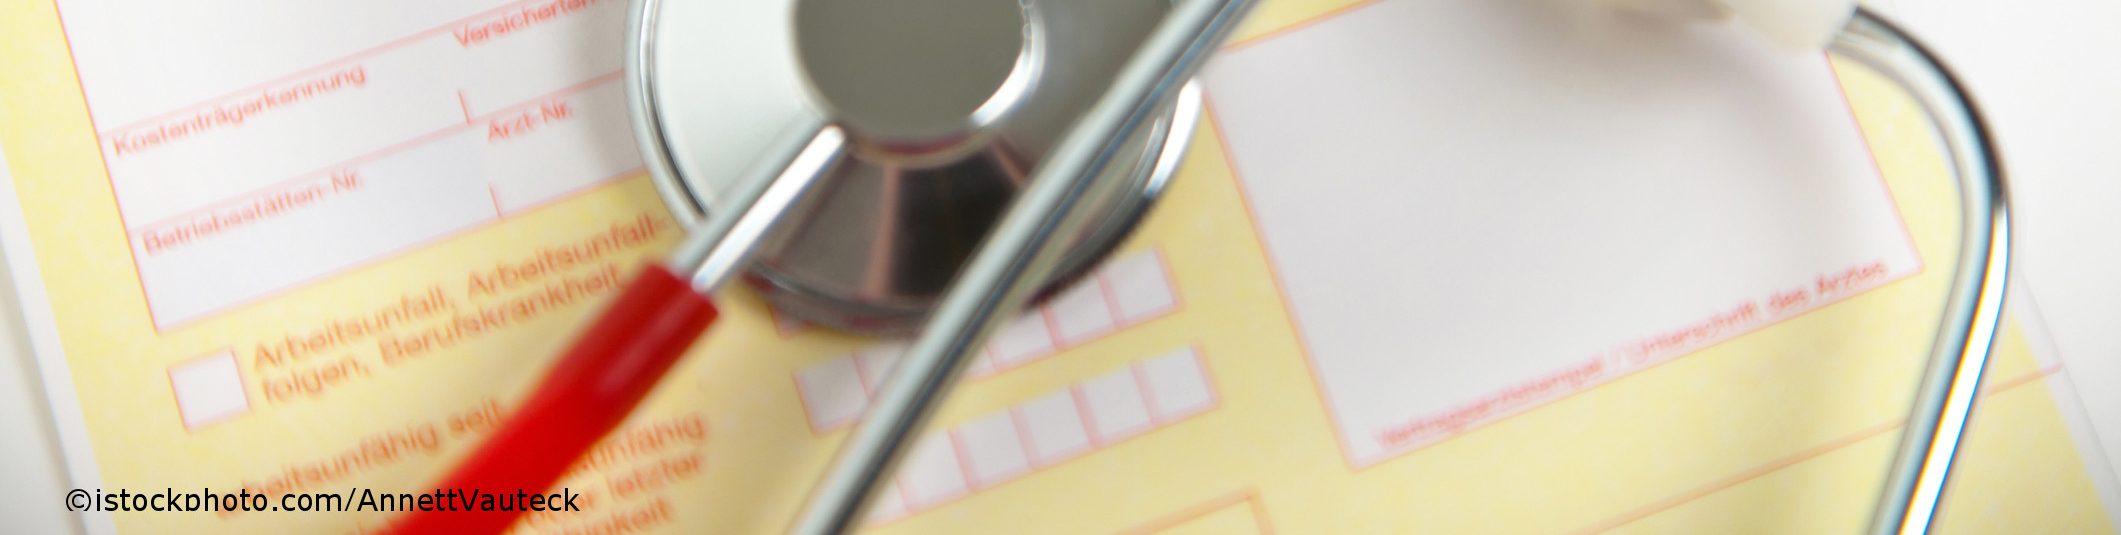 Im ICD-10 Diagnoseschlüssel steht R51 für Kopfschmerz.